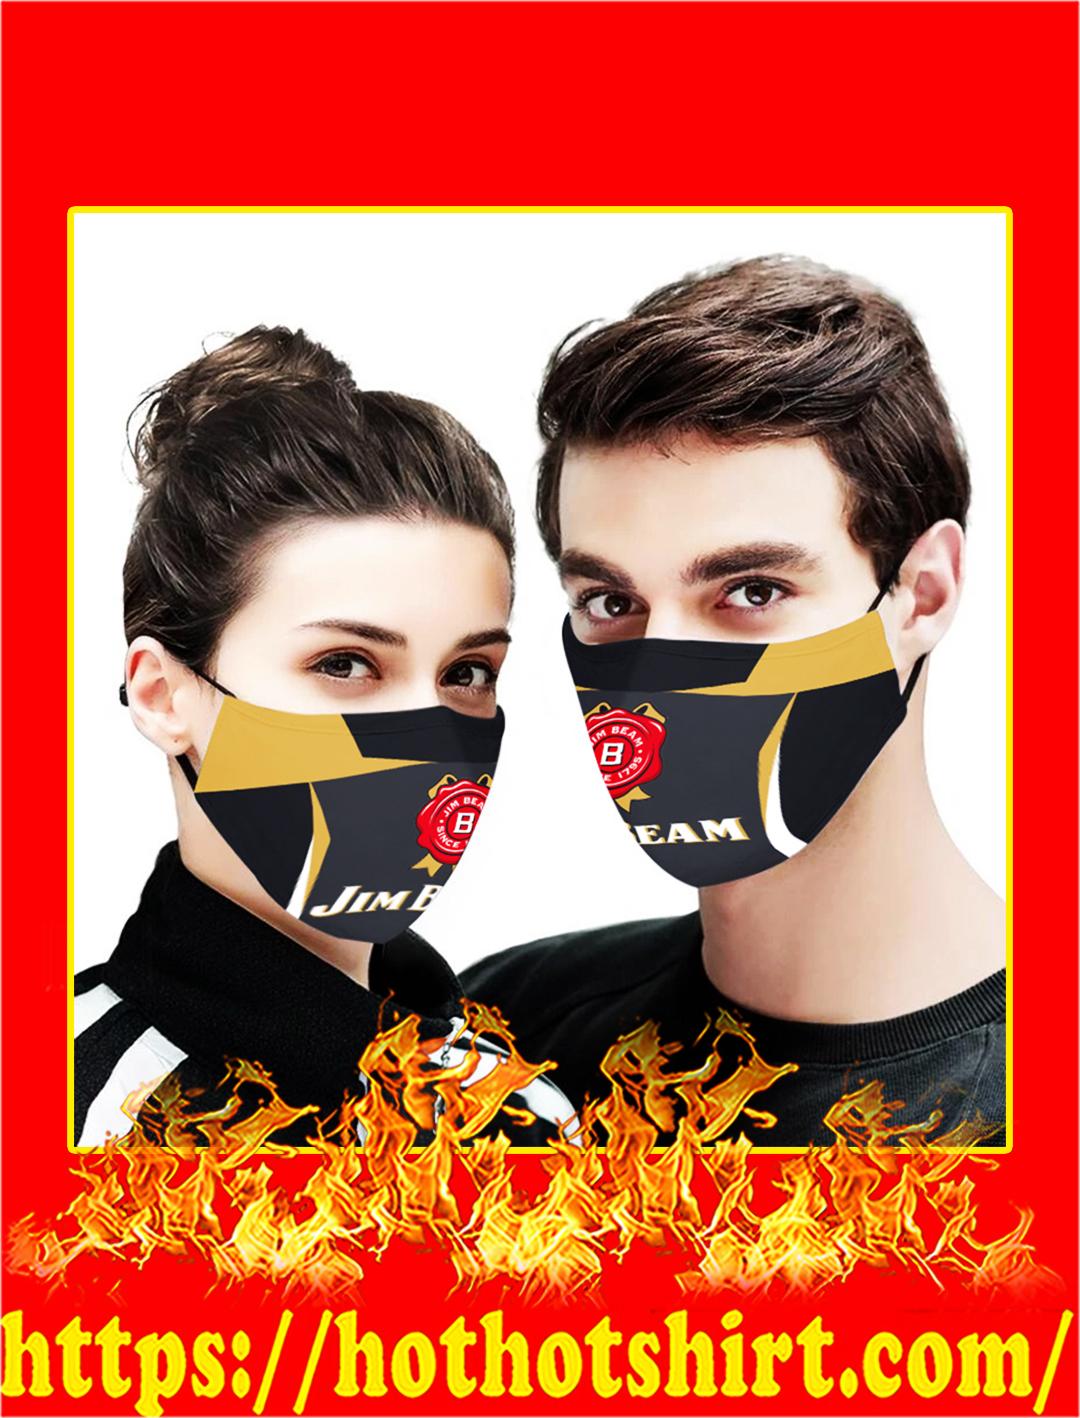 Jim Beam face mask- pic 1